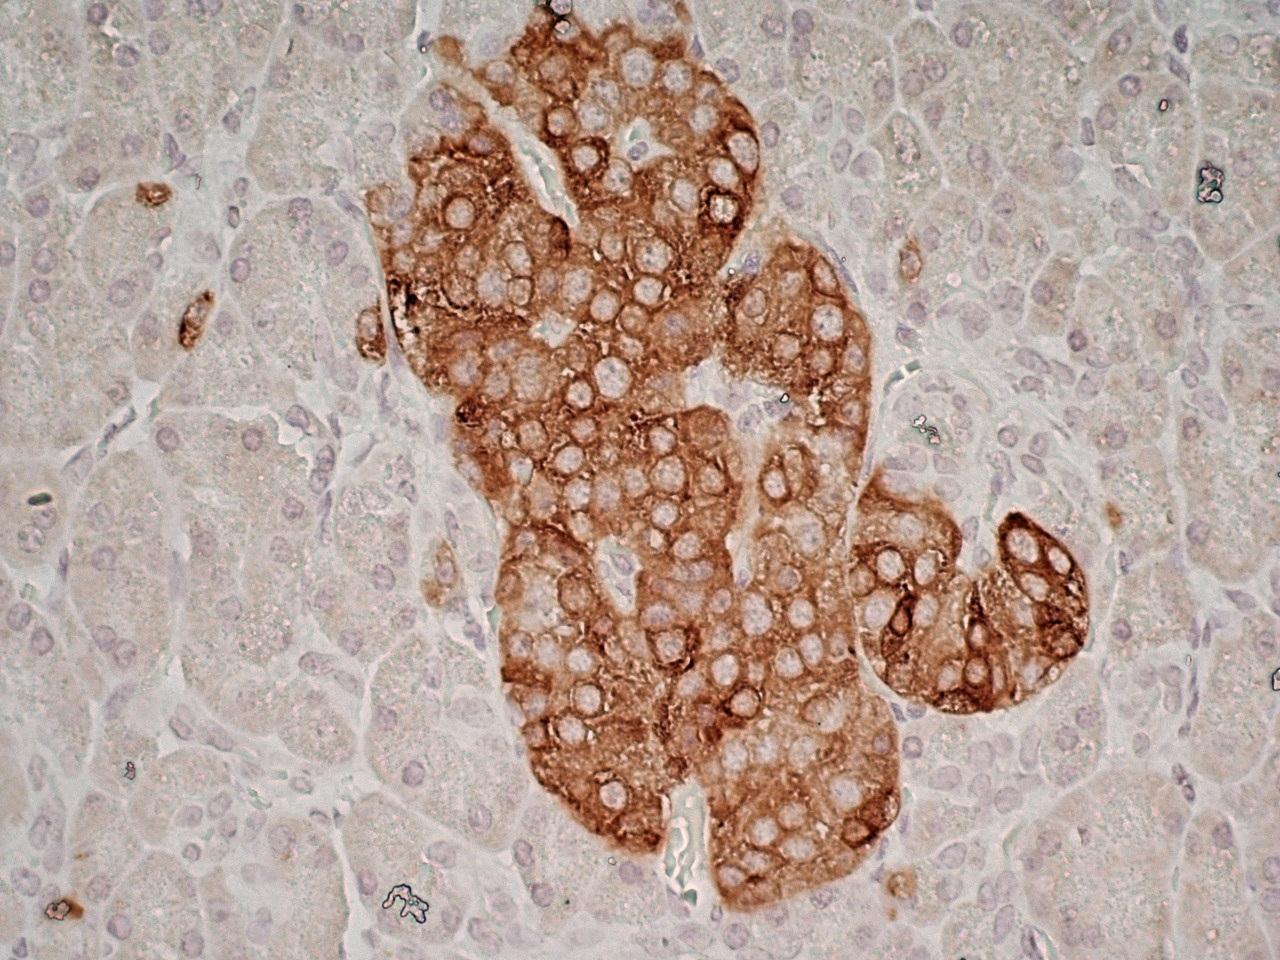 Anti Human Glutamate Decarboxylase 2 (N-Terminal) Antibody, clone N-GAD65 thumbnail image 4